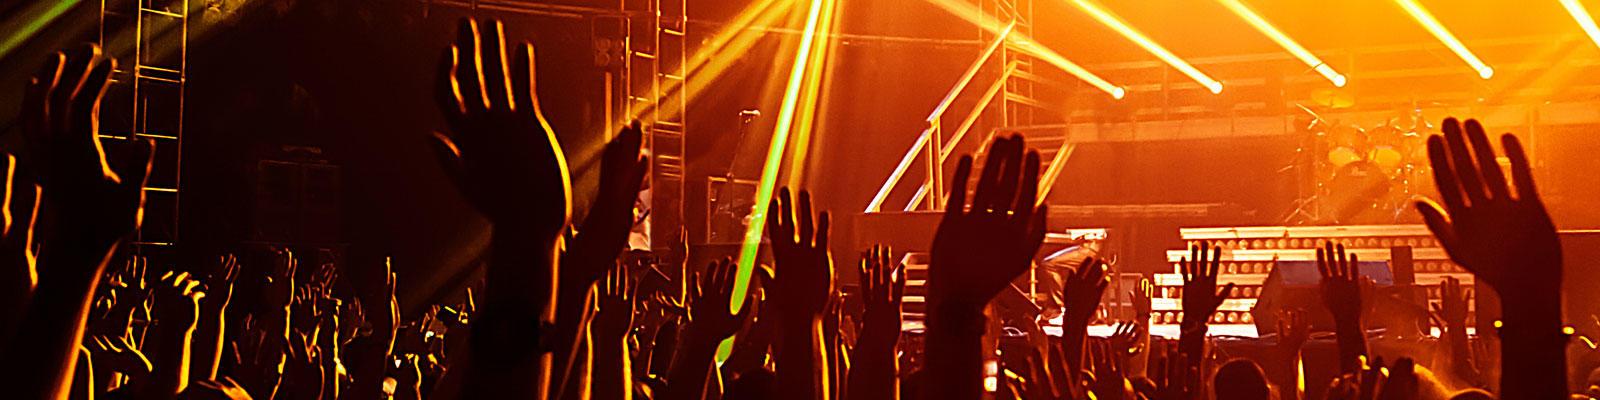 the-best-nightlife-around-the-world